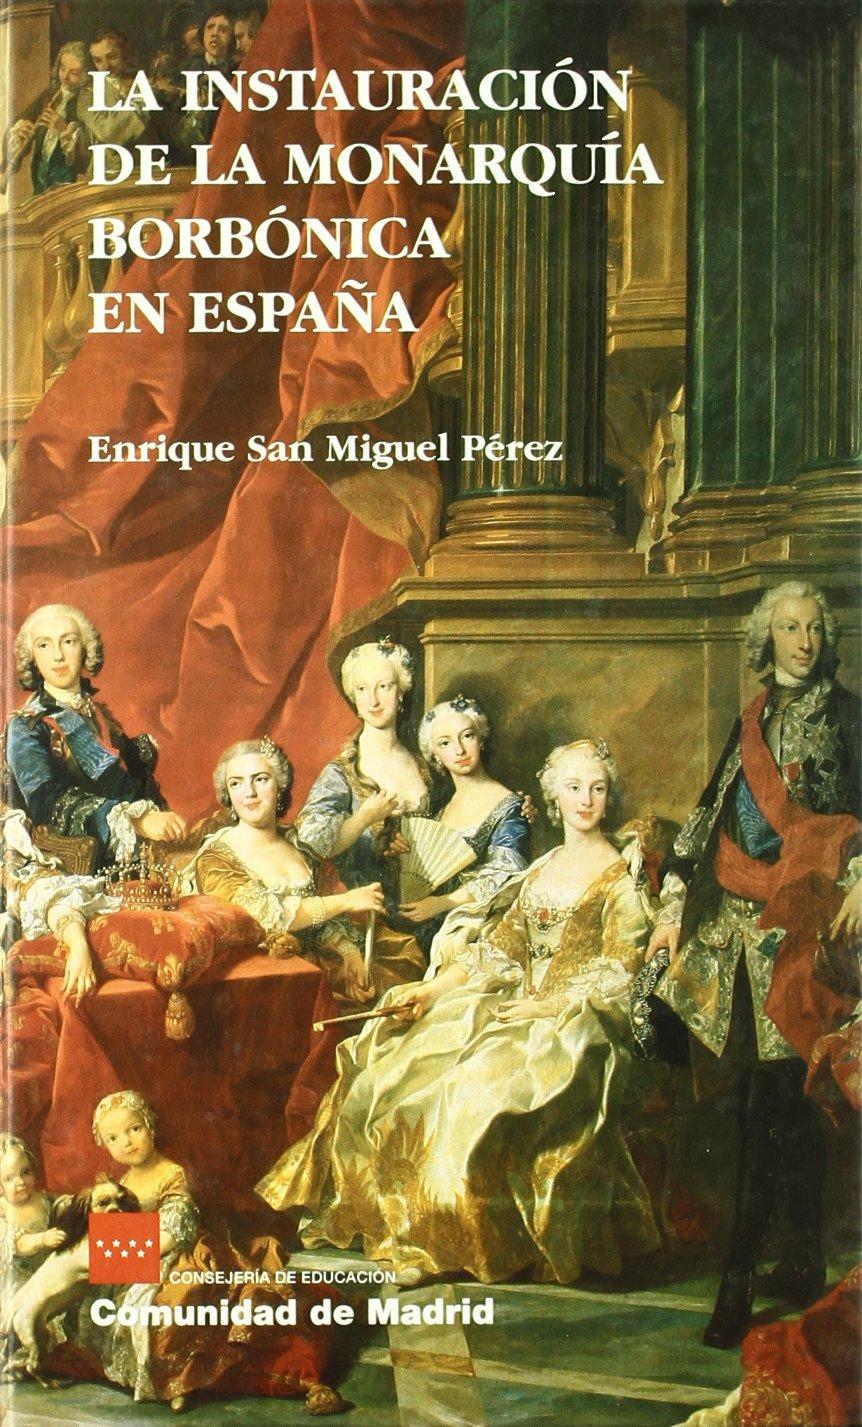 La instauración de la monarquía borbónica en España: Amazon.es: San Miguel Pérez, Enrique: Libros